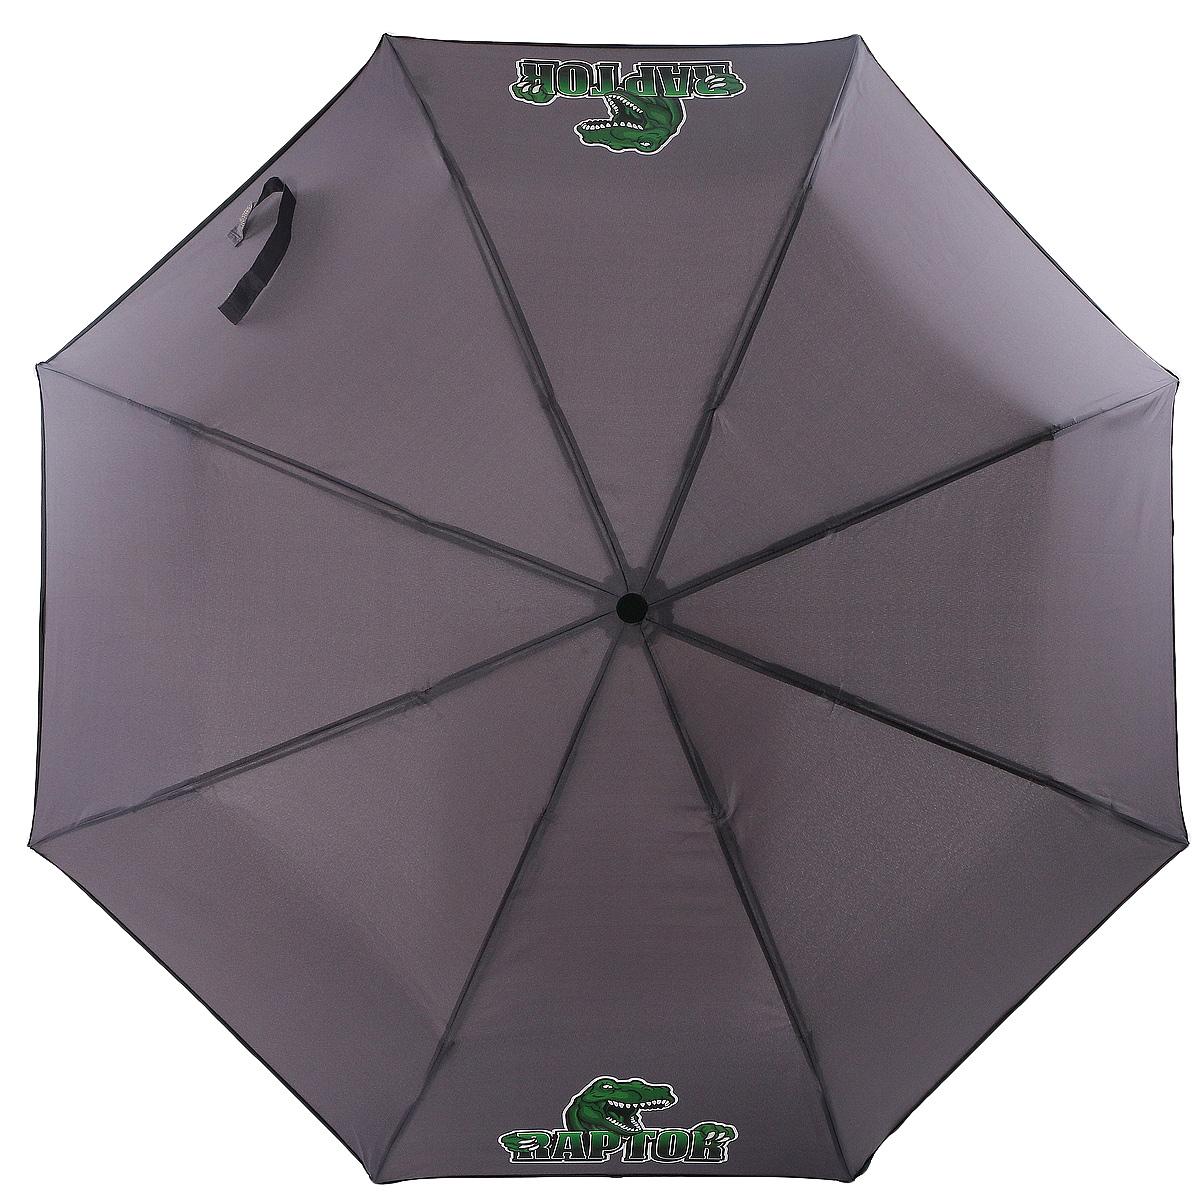 Зонт ArtRain, механический, 3 сложения, цвет: серый. 3517-1736 цена и фото